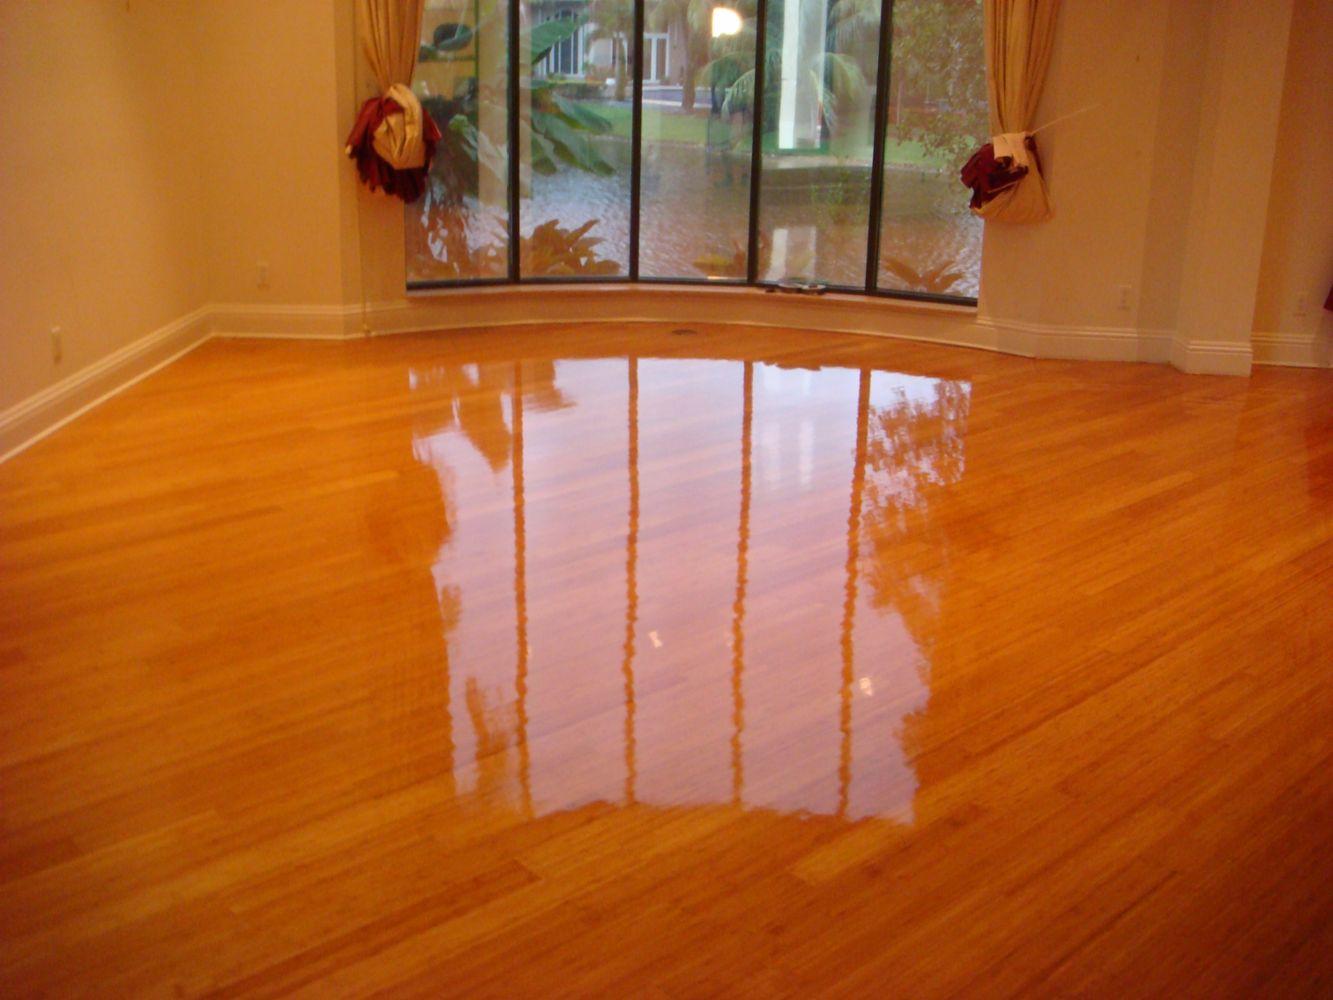 Wood Floor Sanding & Refinishing in Fort Lauderdale, FL - True Quality Wood  Flooring, Inc. - Wood Floor Sanding & Refinishing In Fort Lauderdale, FL - True